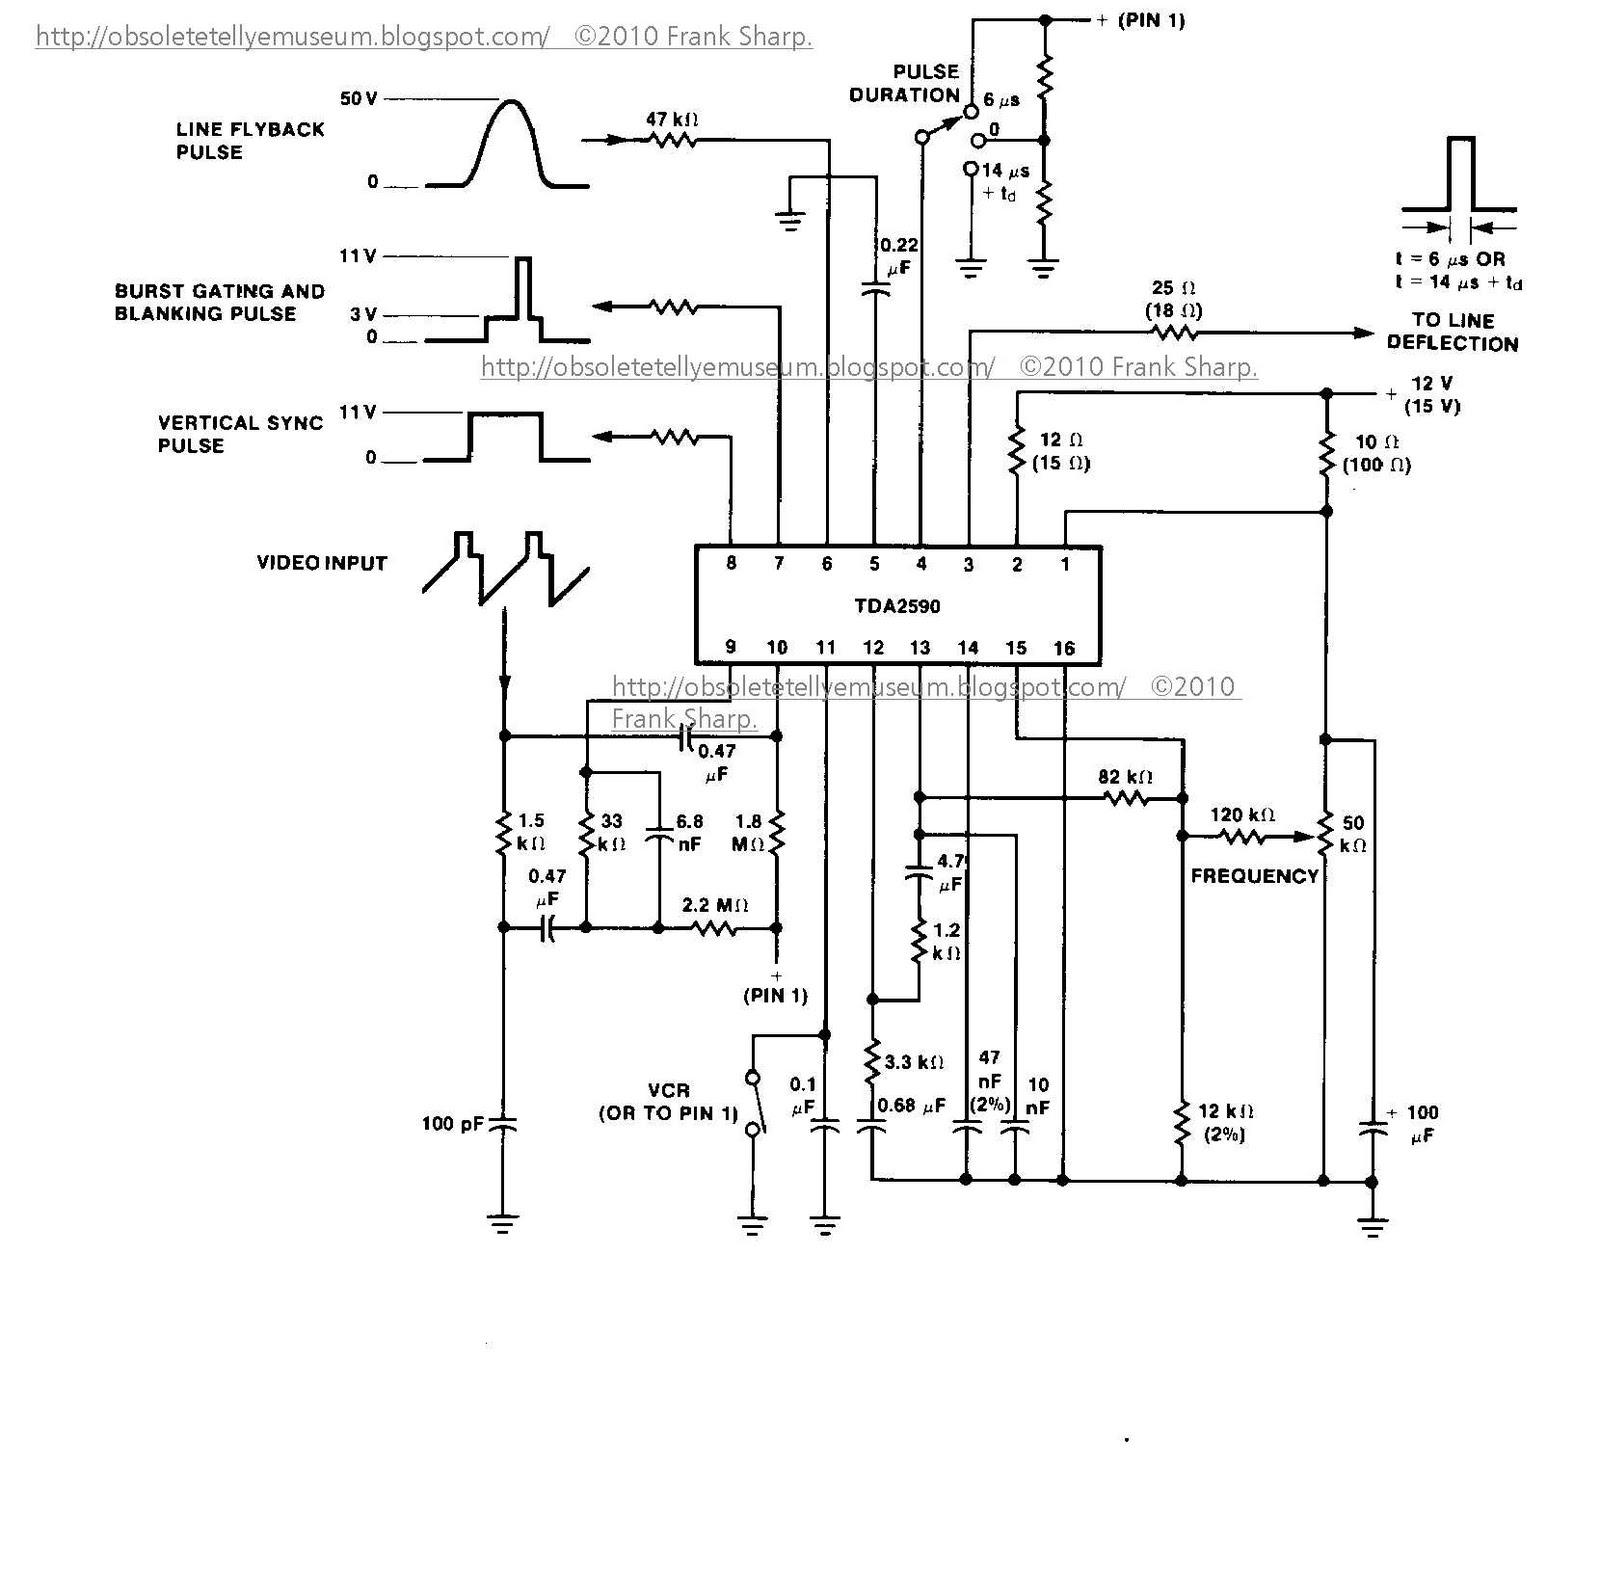 internal wiring diagram of fsv20a001 flyback